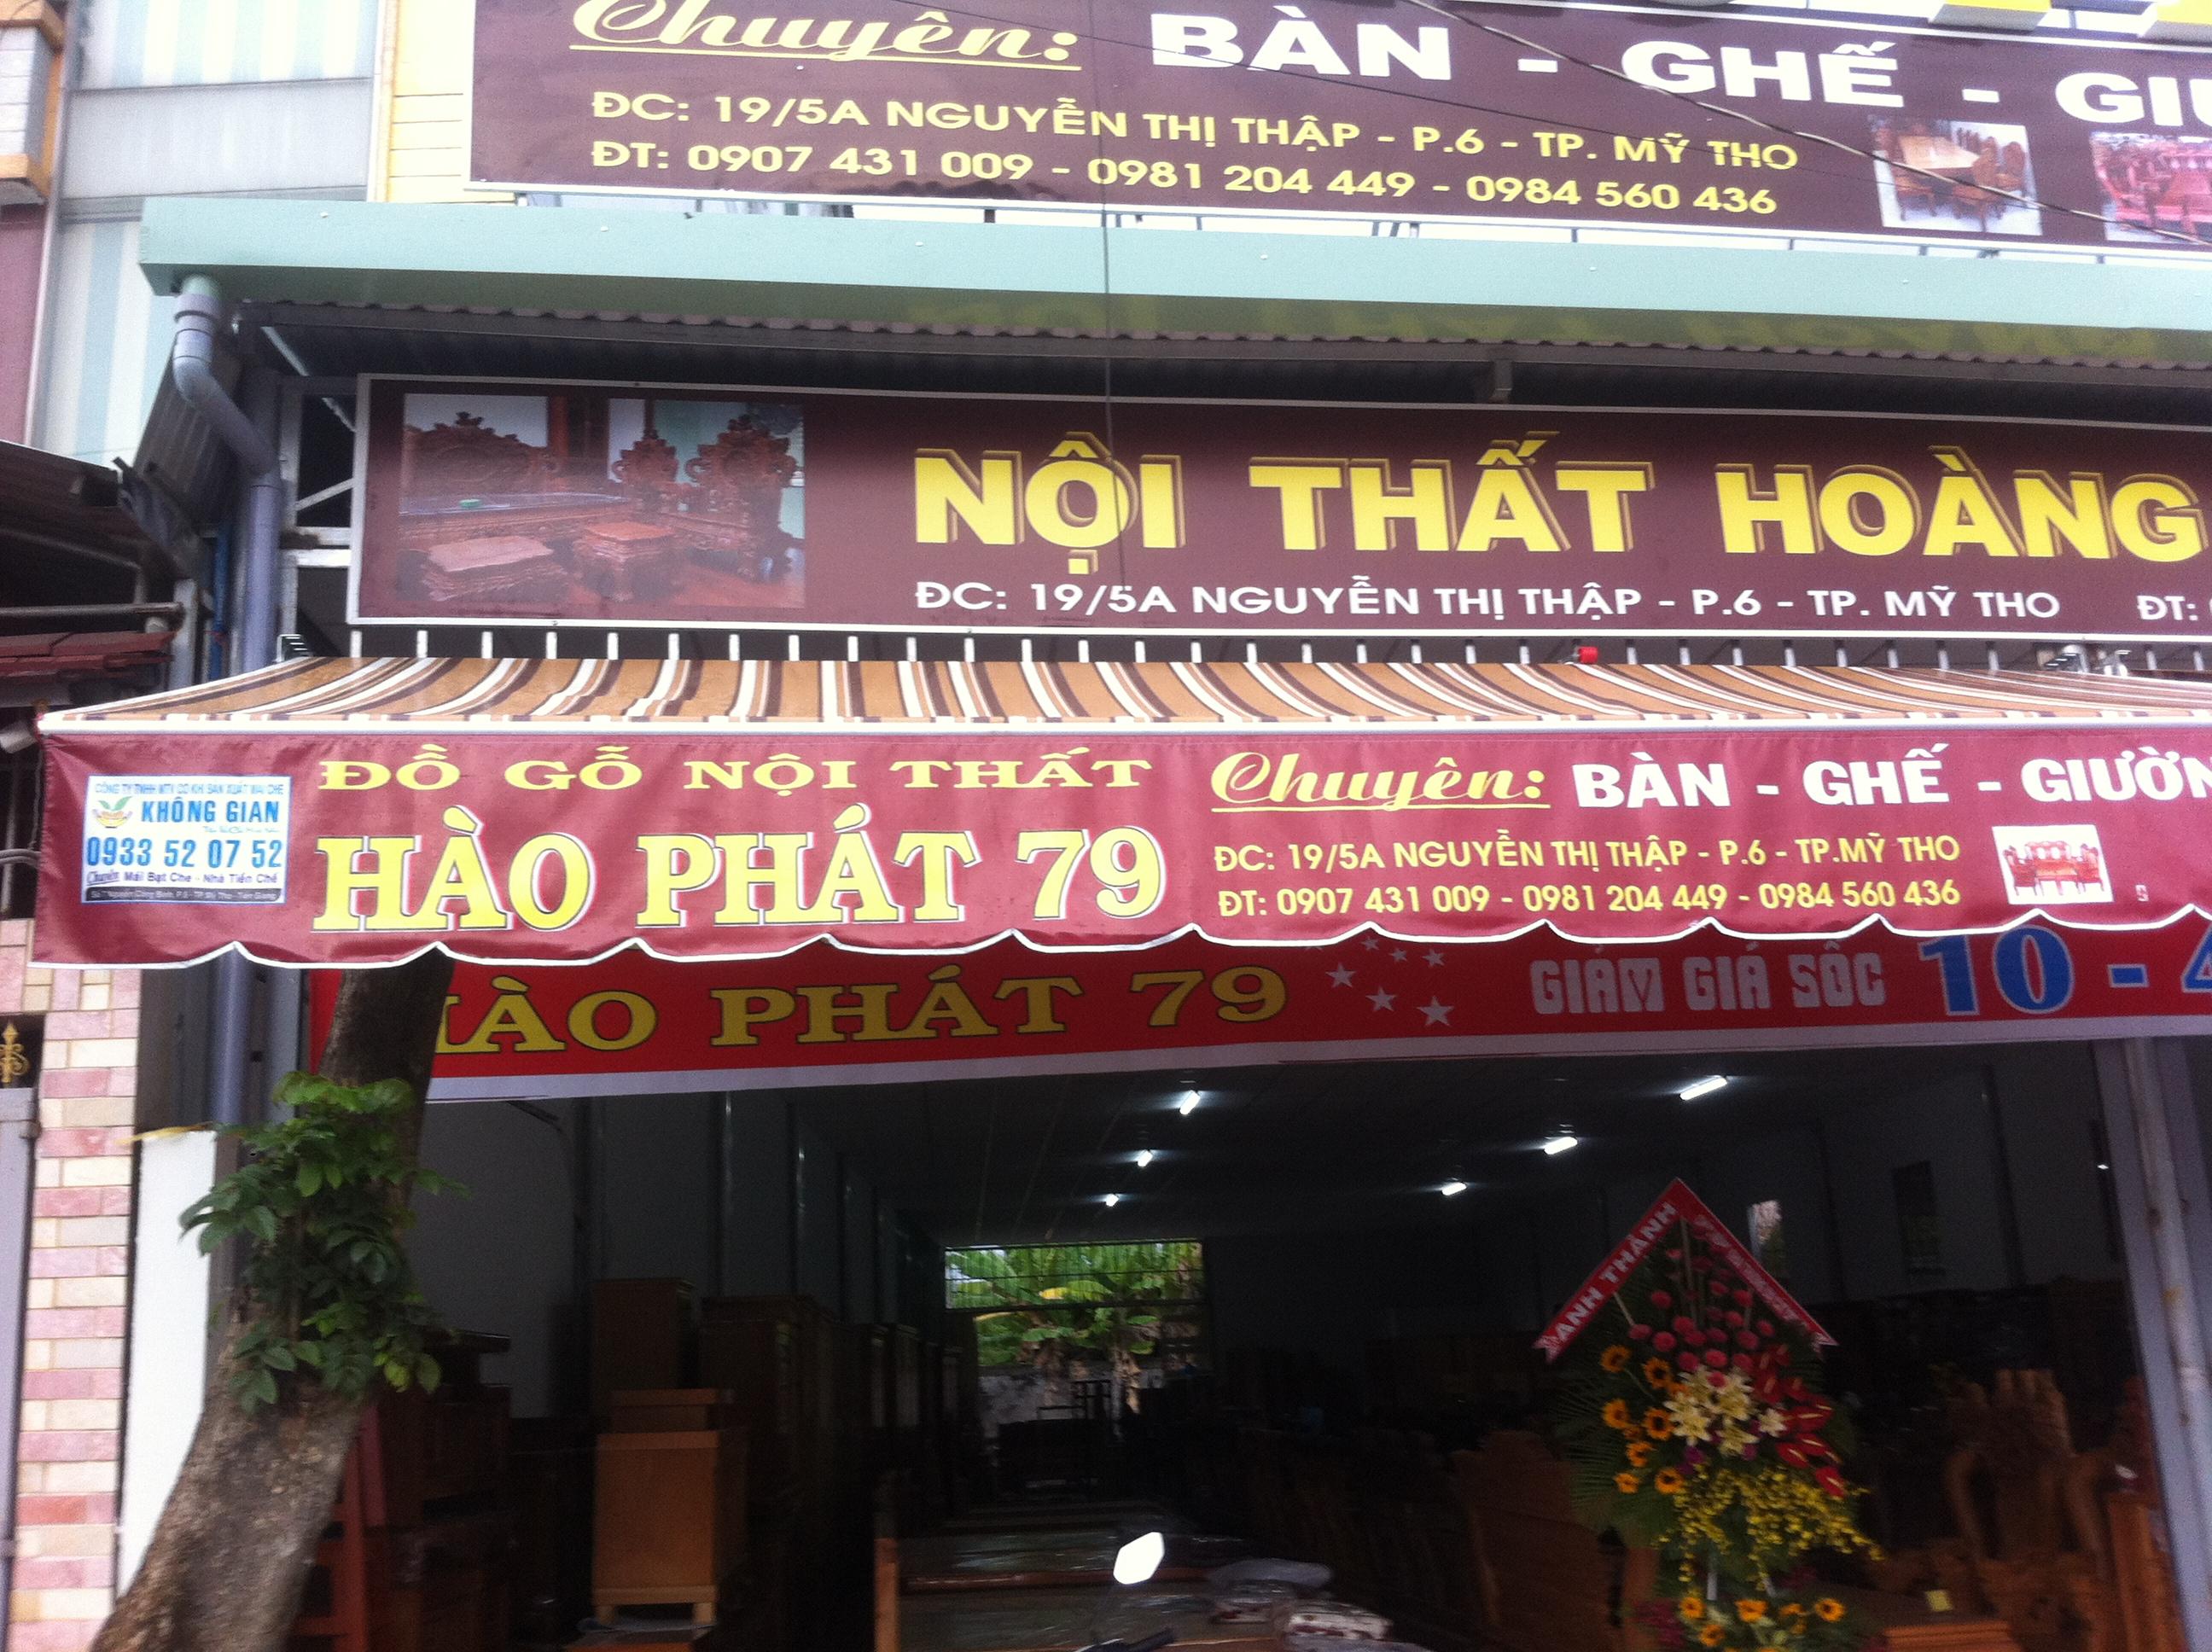 Mái Hiên Quảng Cáo Cửa Hàng Thị Xã Vĩnh Châu Sóc Trăng